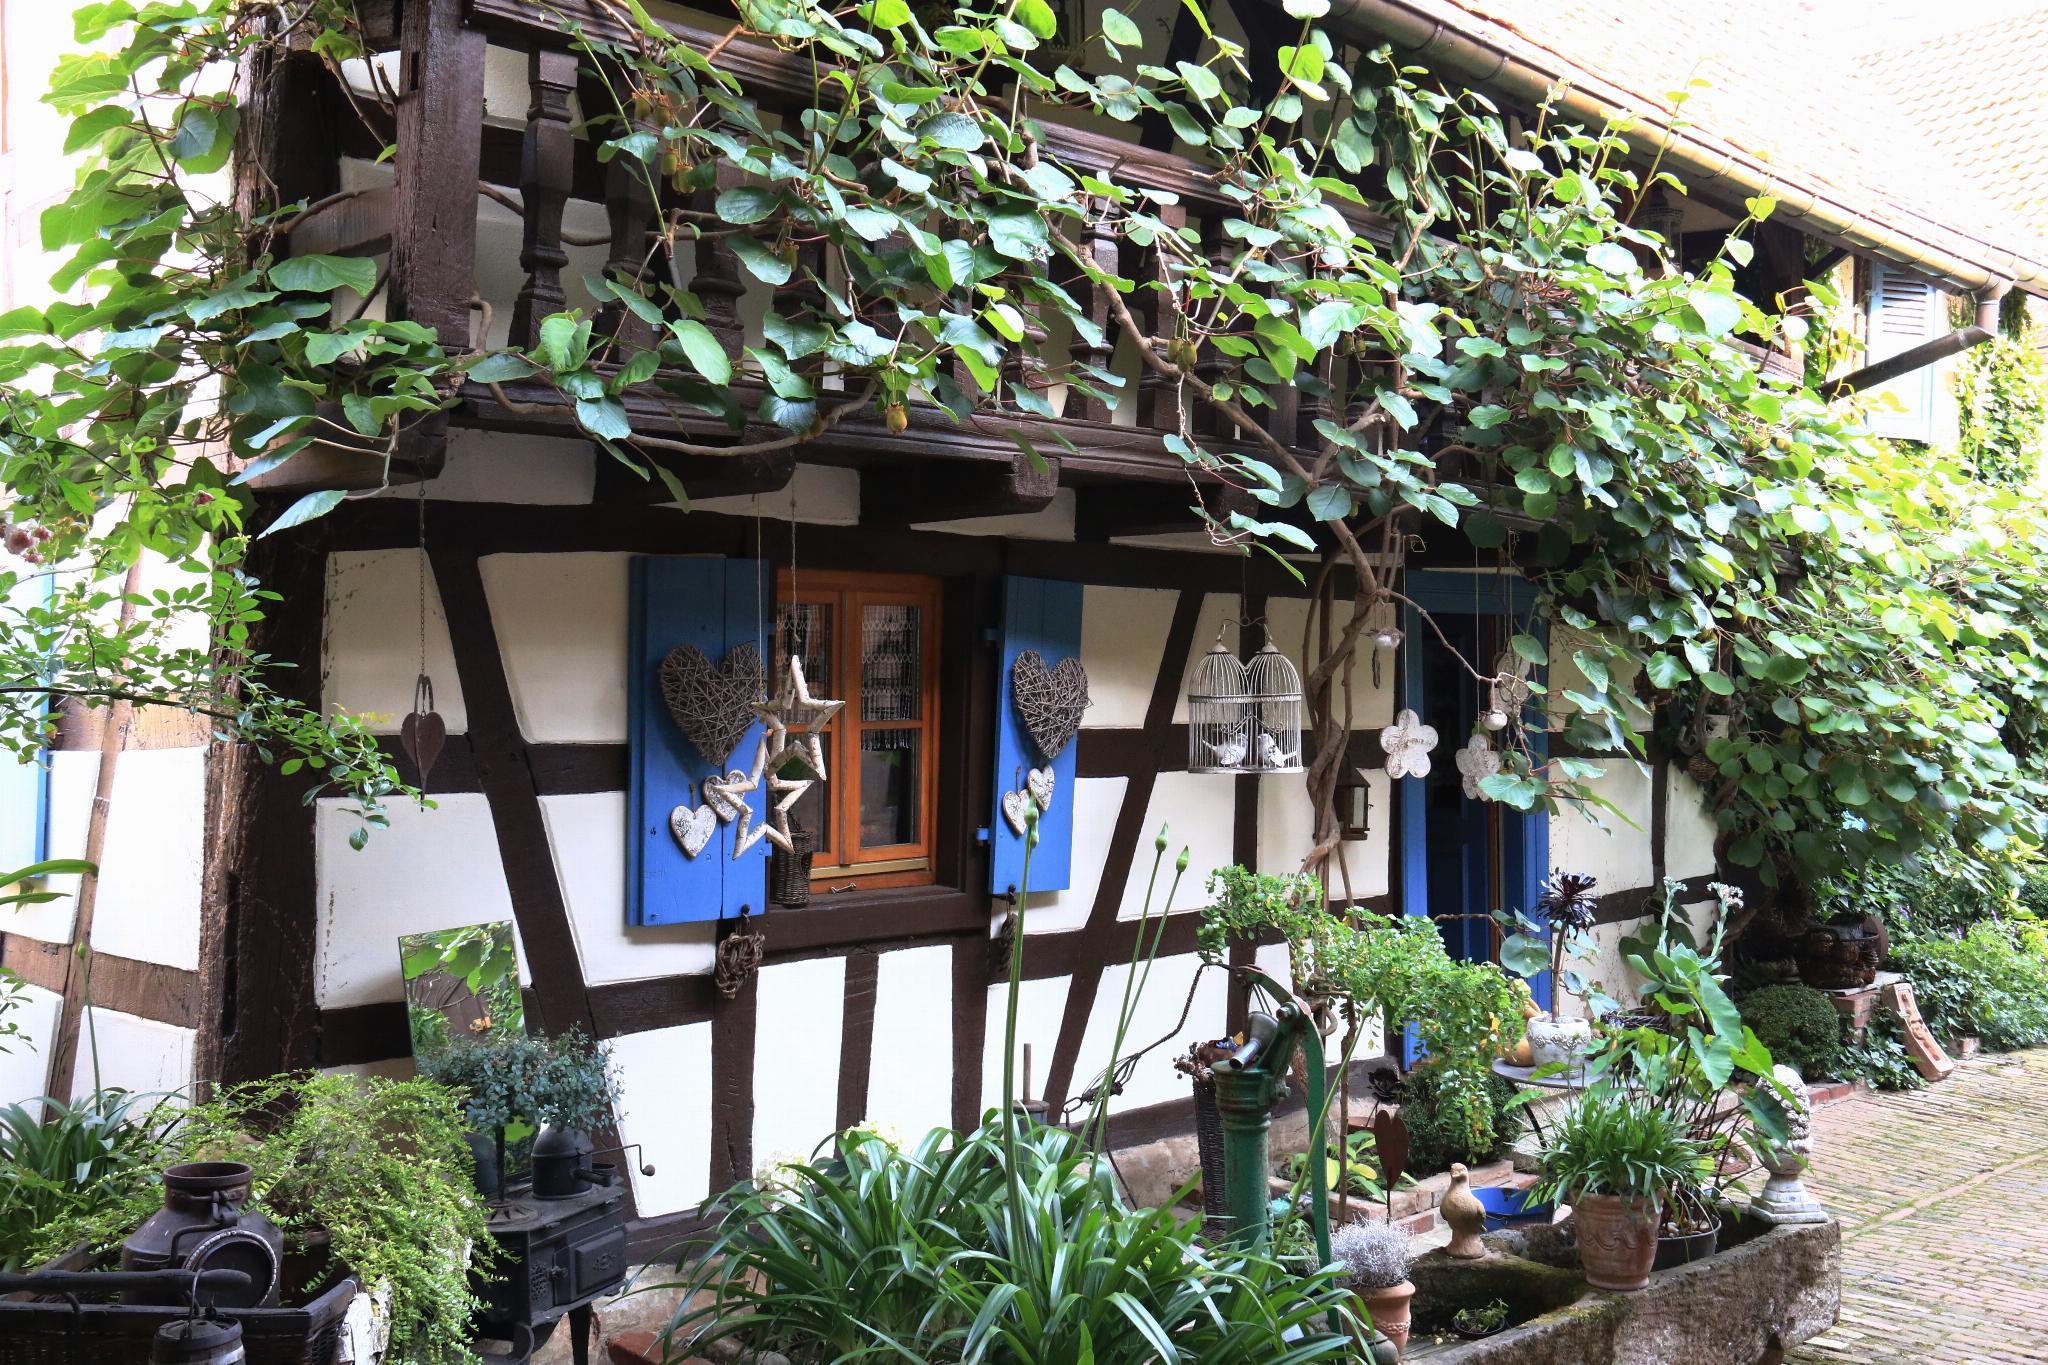 Chez Hansel et Gretel Location de chambres d h´tes et G te